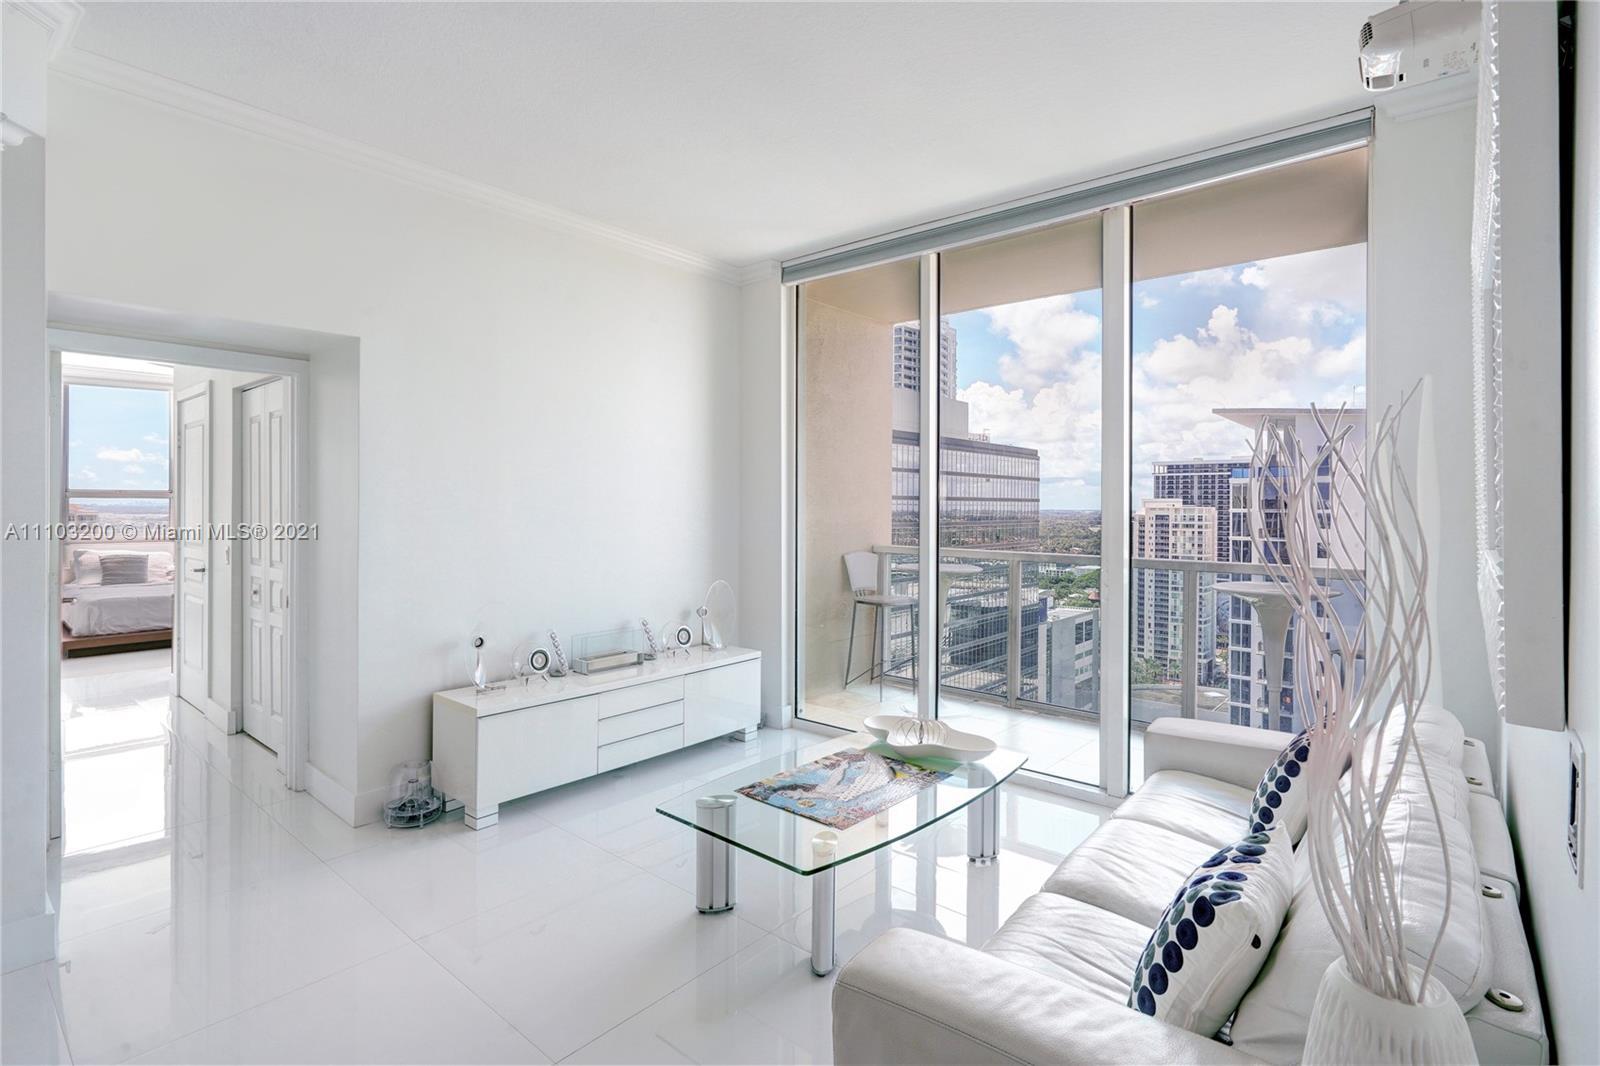 350 Las Olas Place #2920 - 350 SE 2nd St #2920, Fort Lauderdale, FL 33301